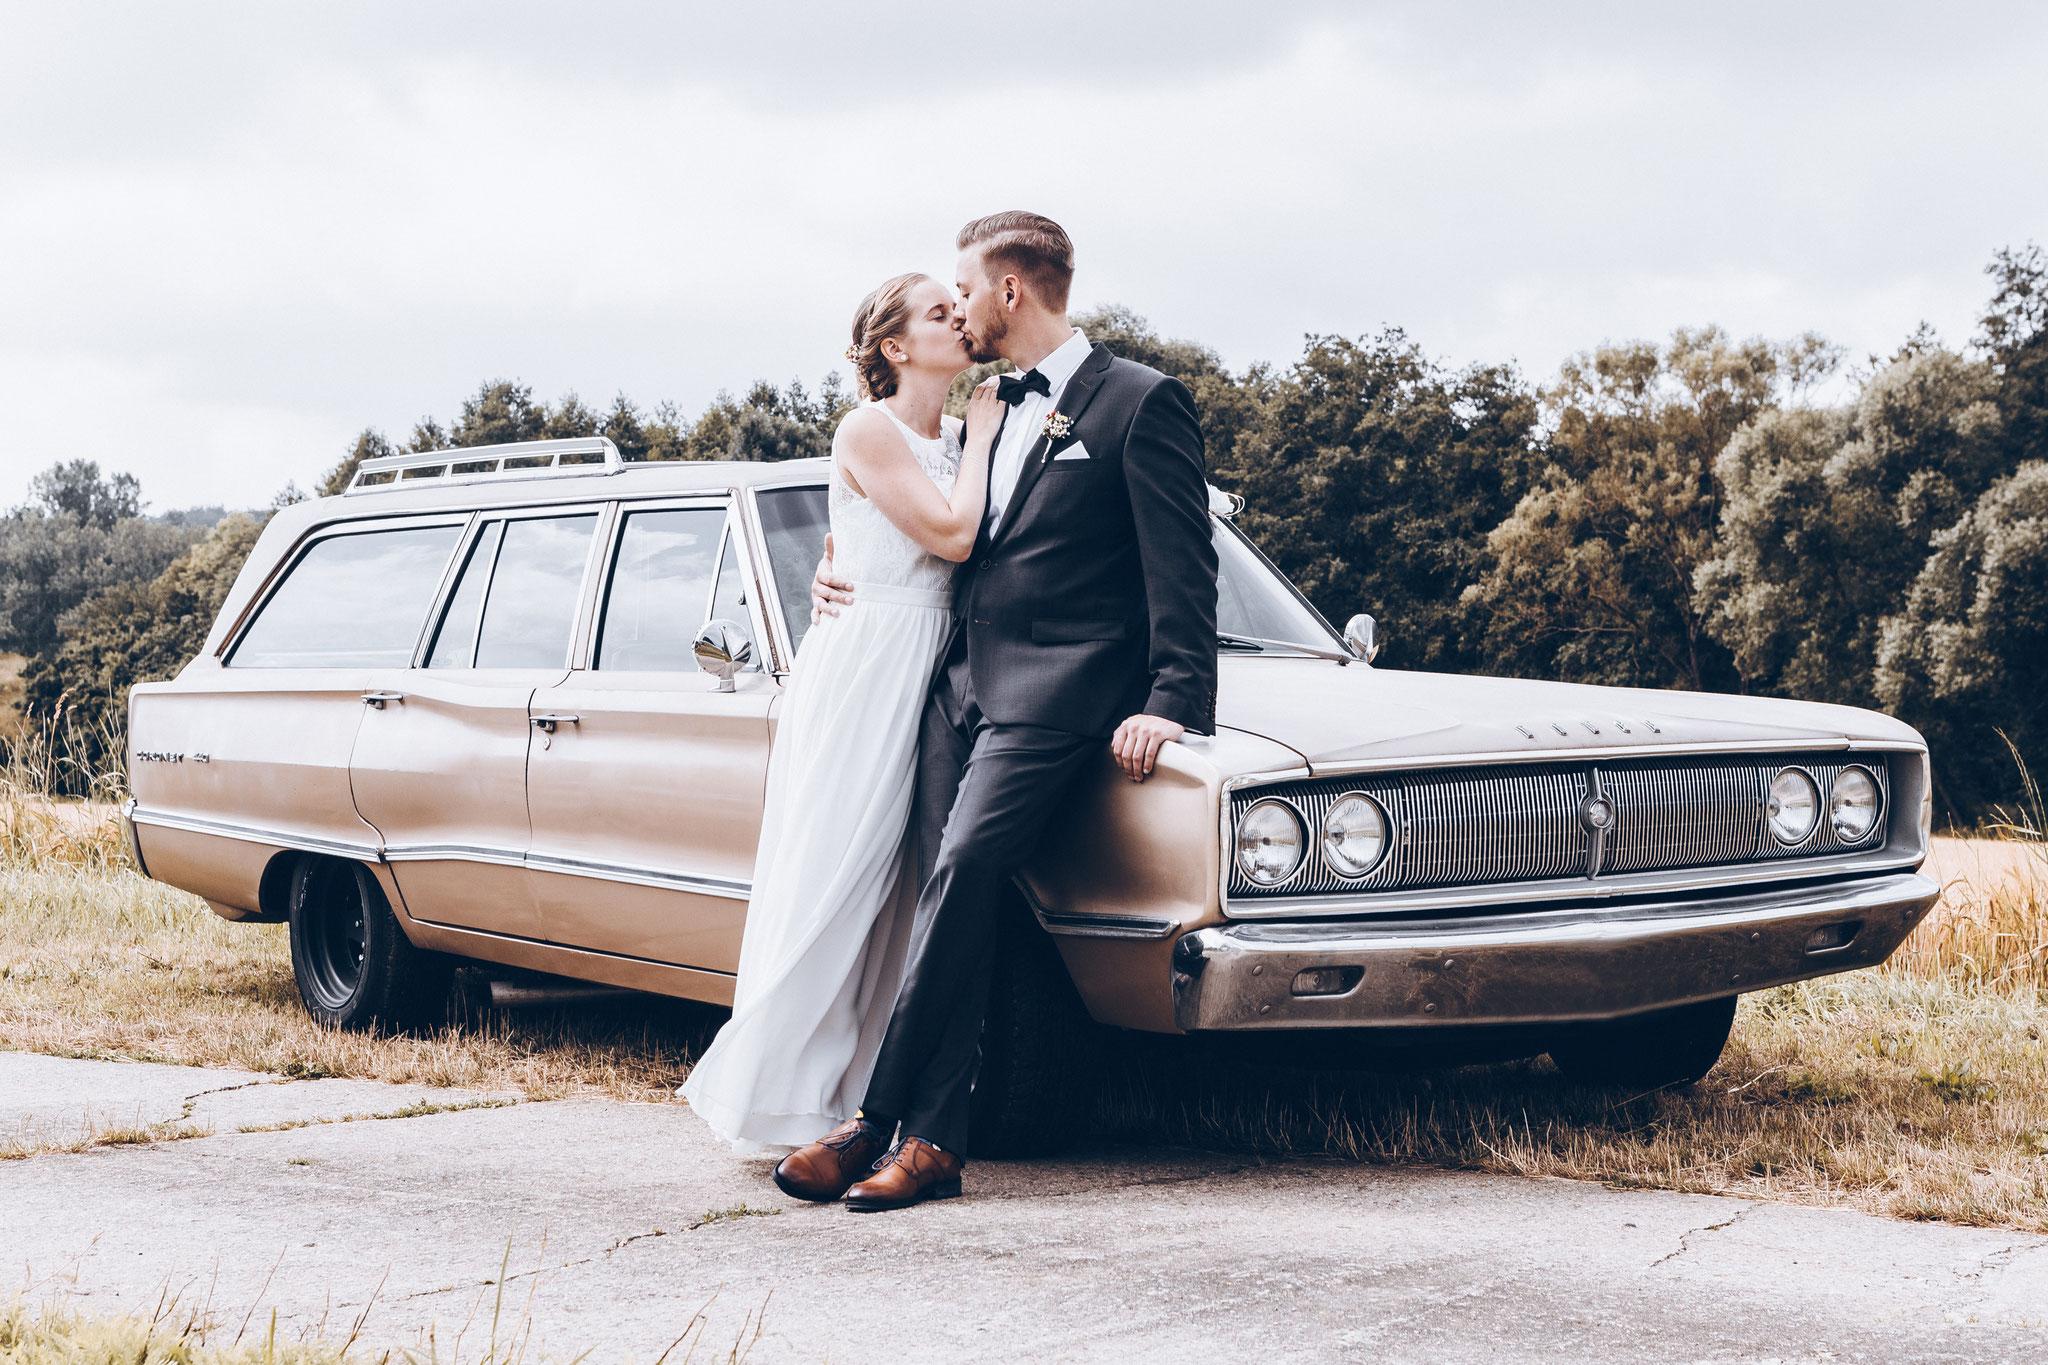 Hochzeitsfotos mit Hochzeitssauto